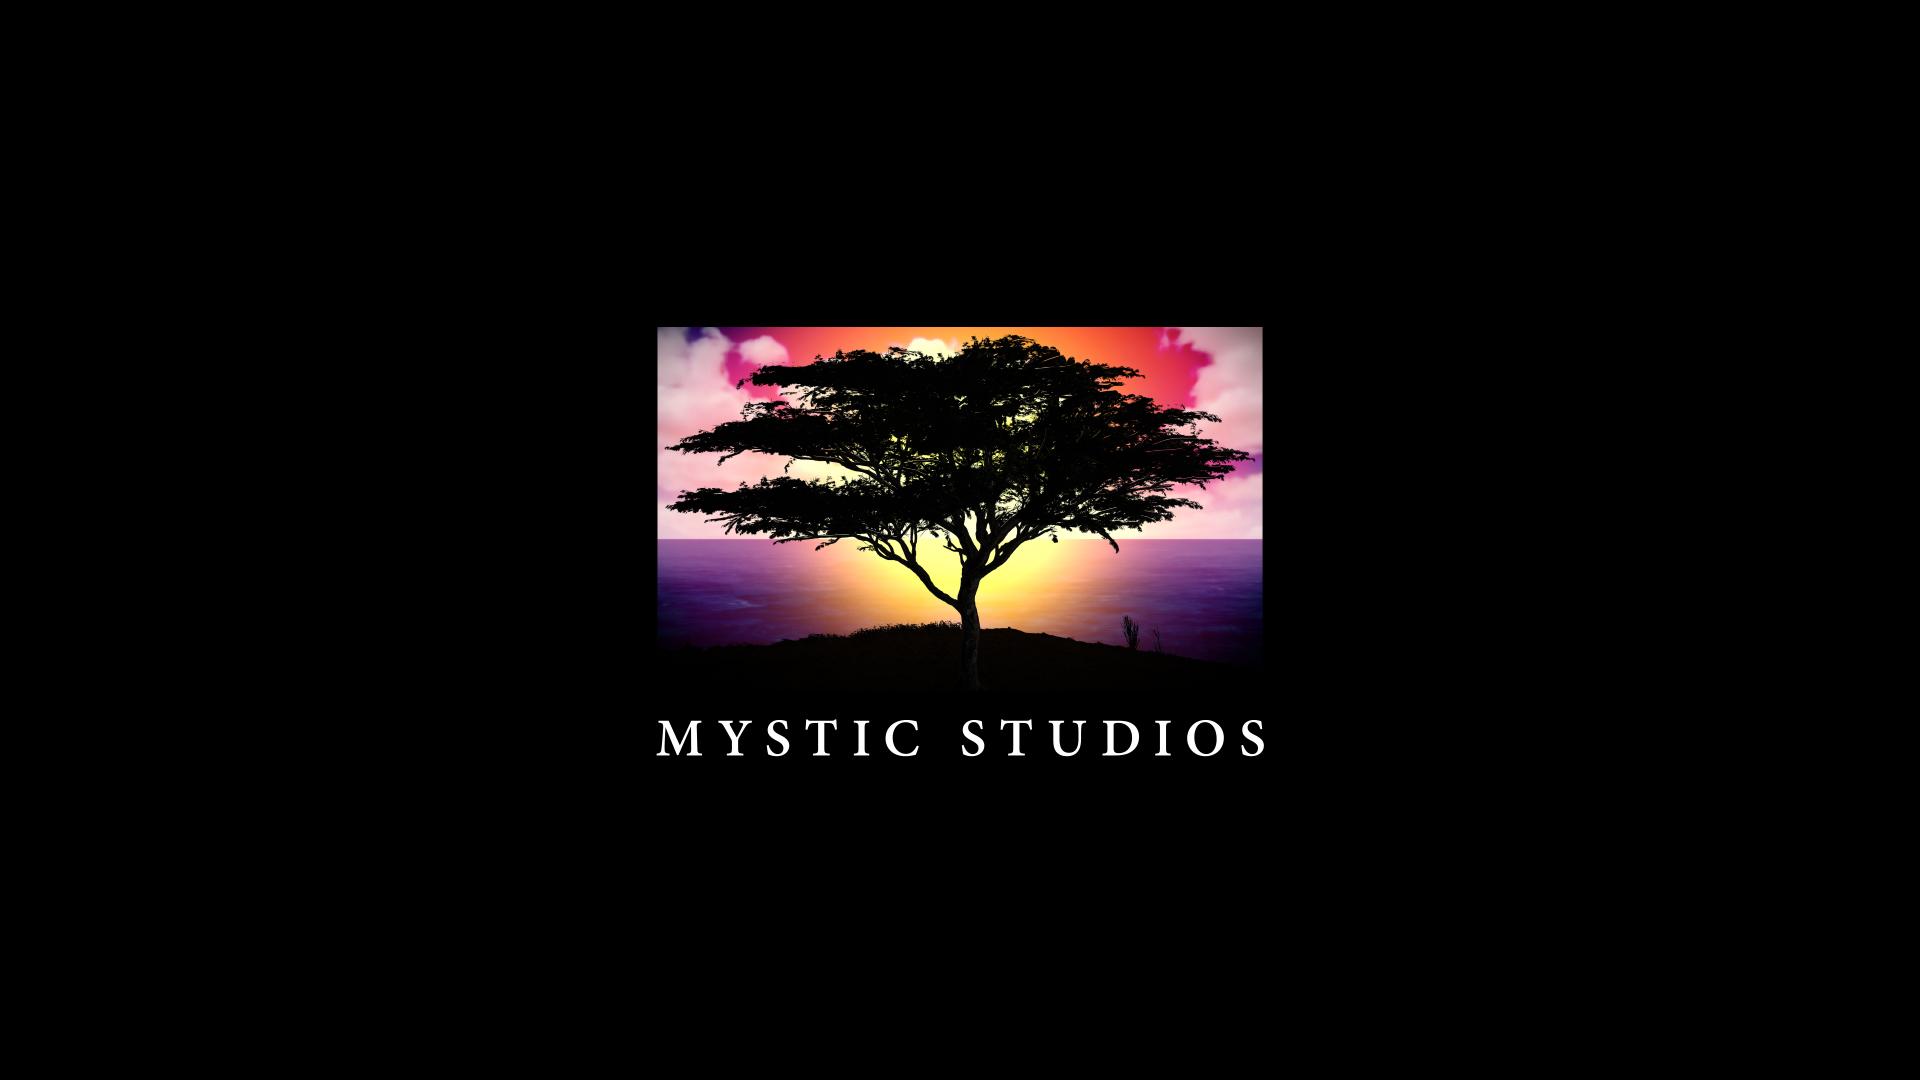 MysticStudios_05.jpg